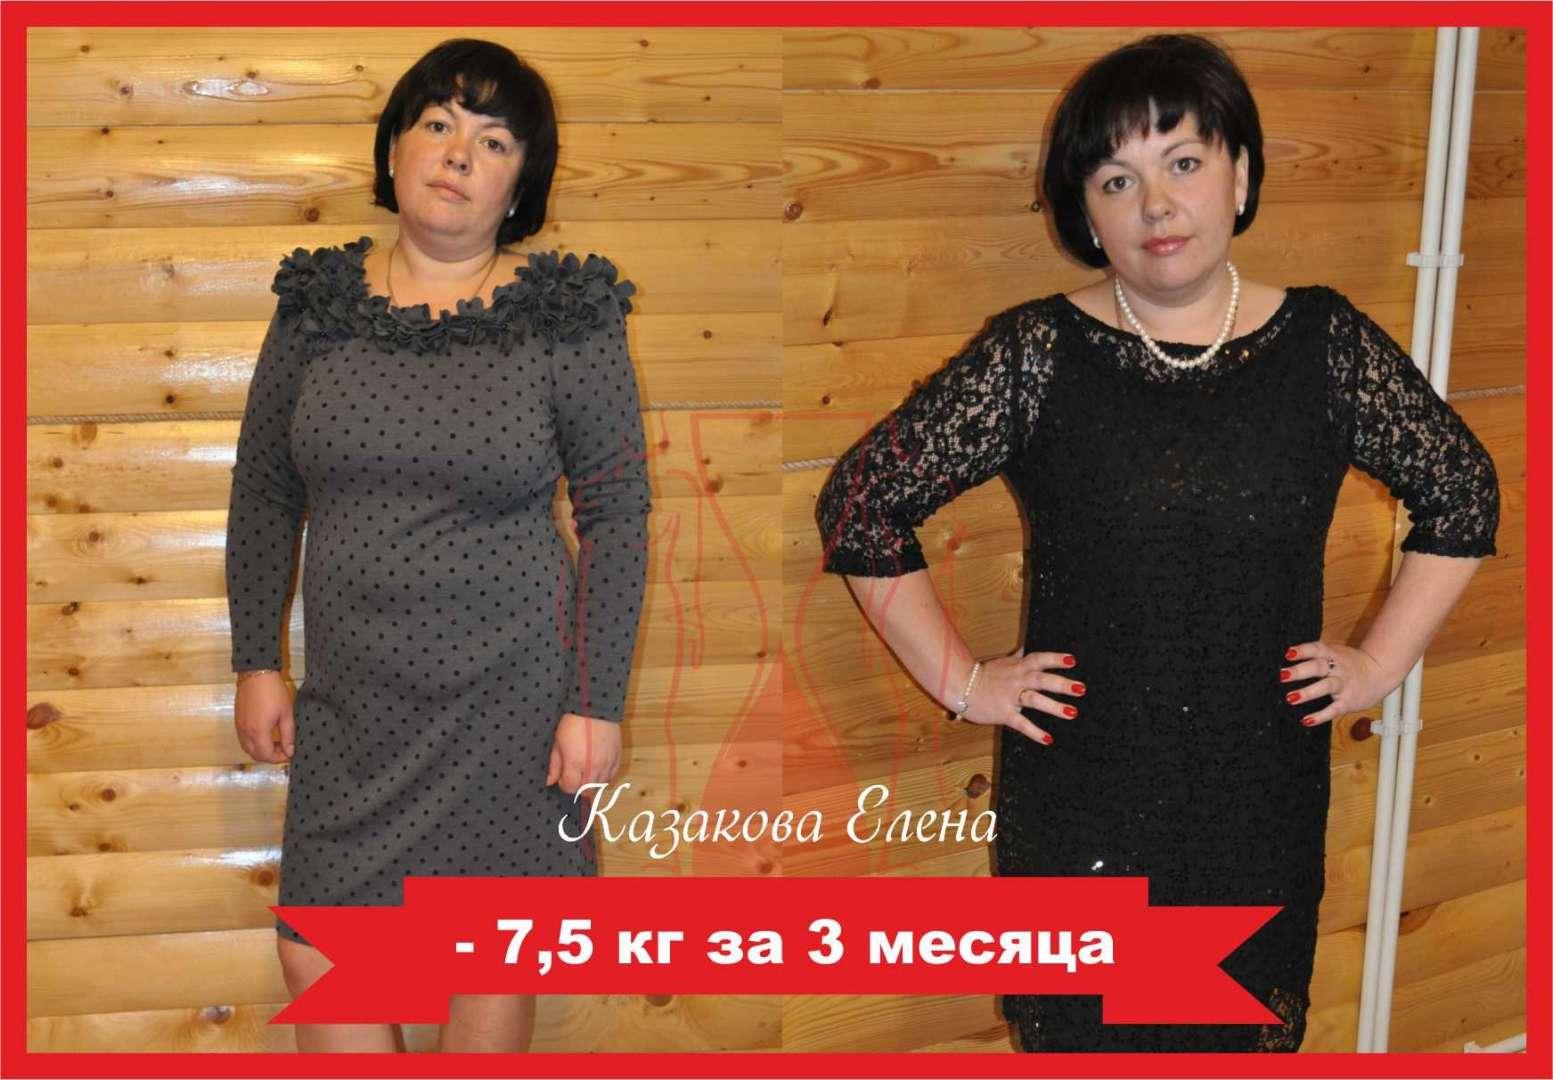 Славянская Клиника Центр Похудения. Лучшие российские клиники похудения